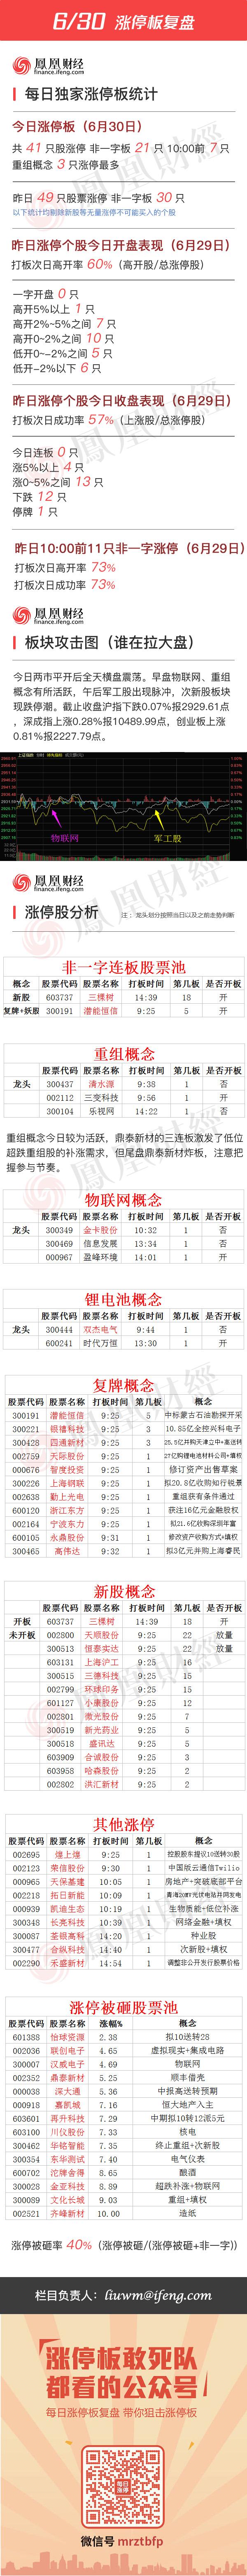 2016年6月30日涨停板复盘 - 小美 - xing1969wuw的博客